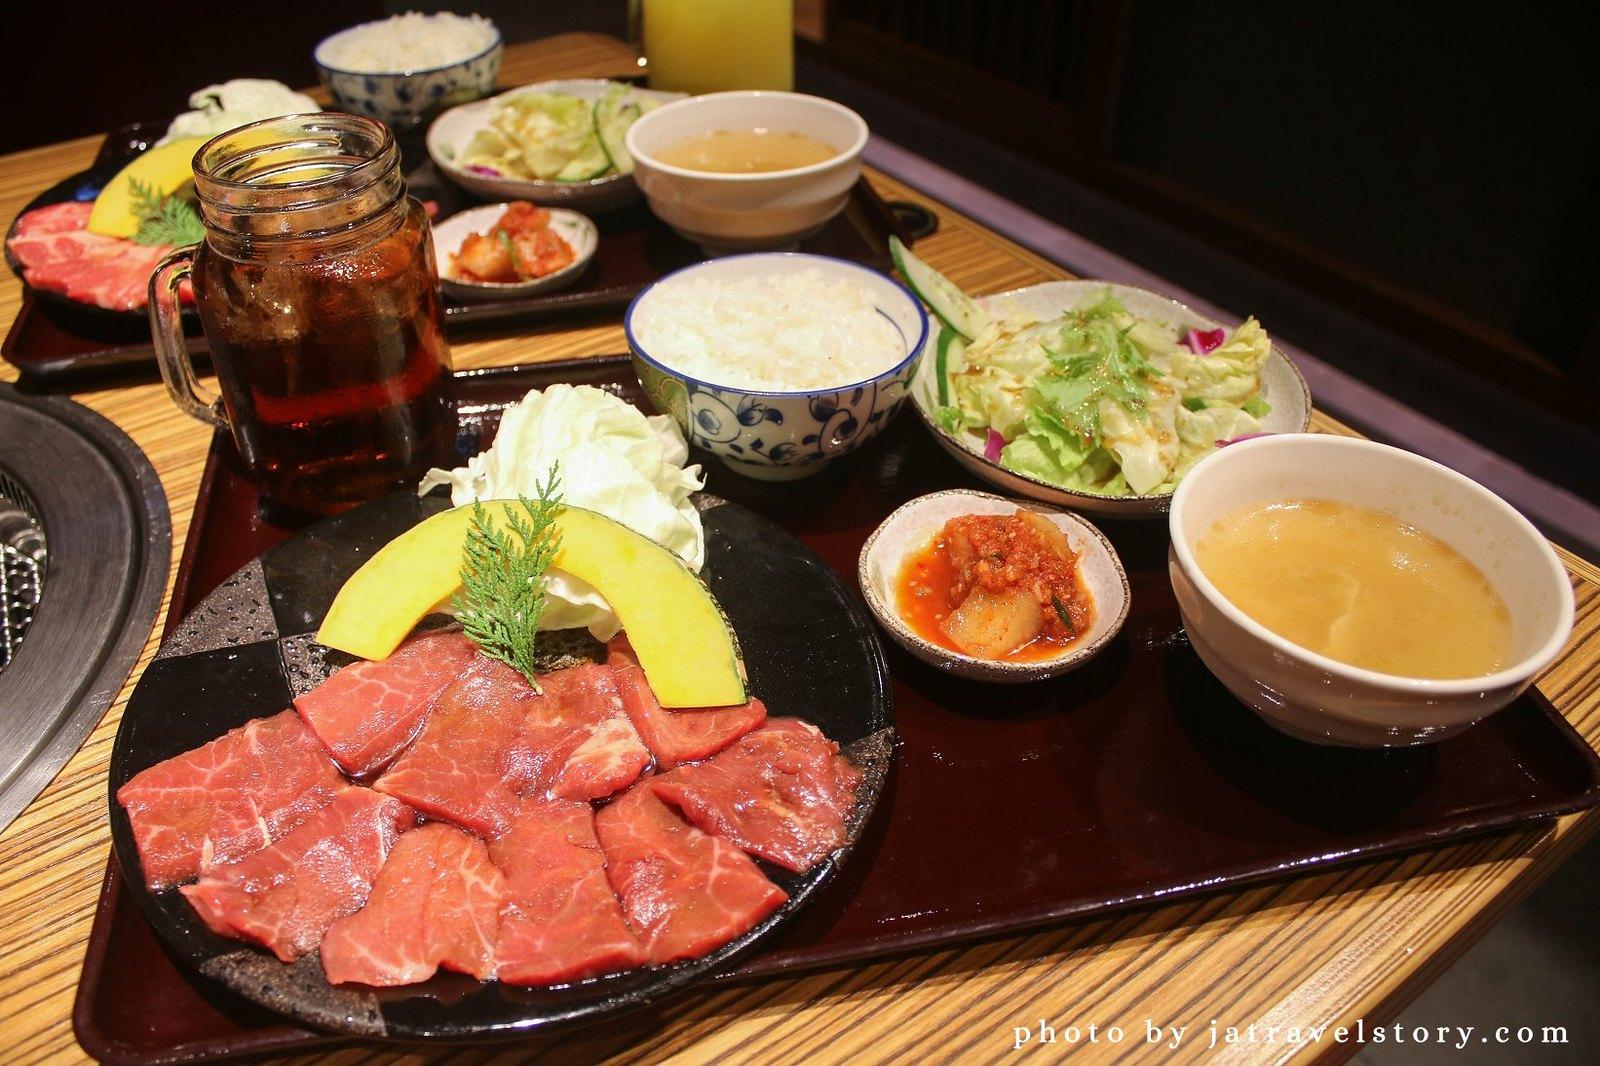 赤虎燒肉 商業午餐只要280元就能吃到燒肉套餐!【內湖美食/內湖聚餐餐廳】 @J&A的旅行